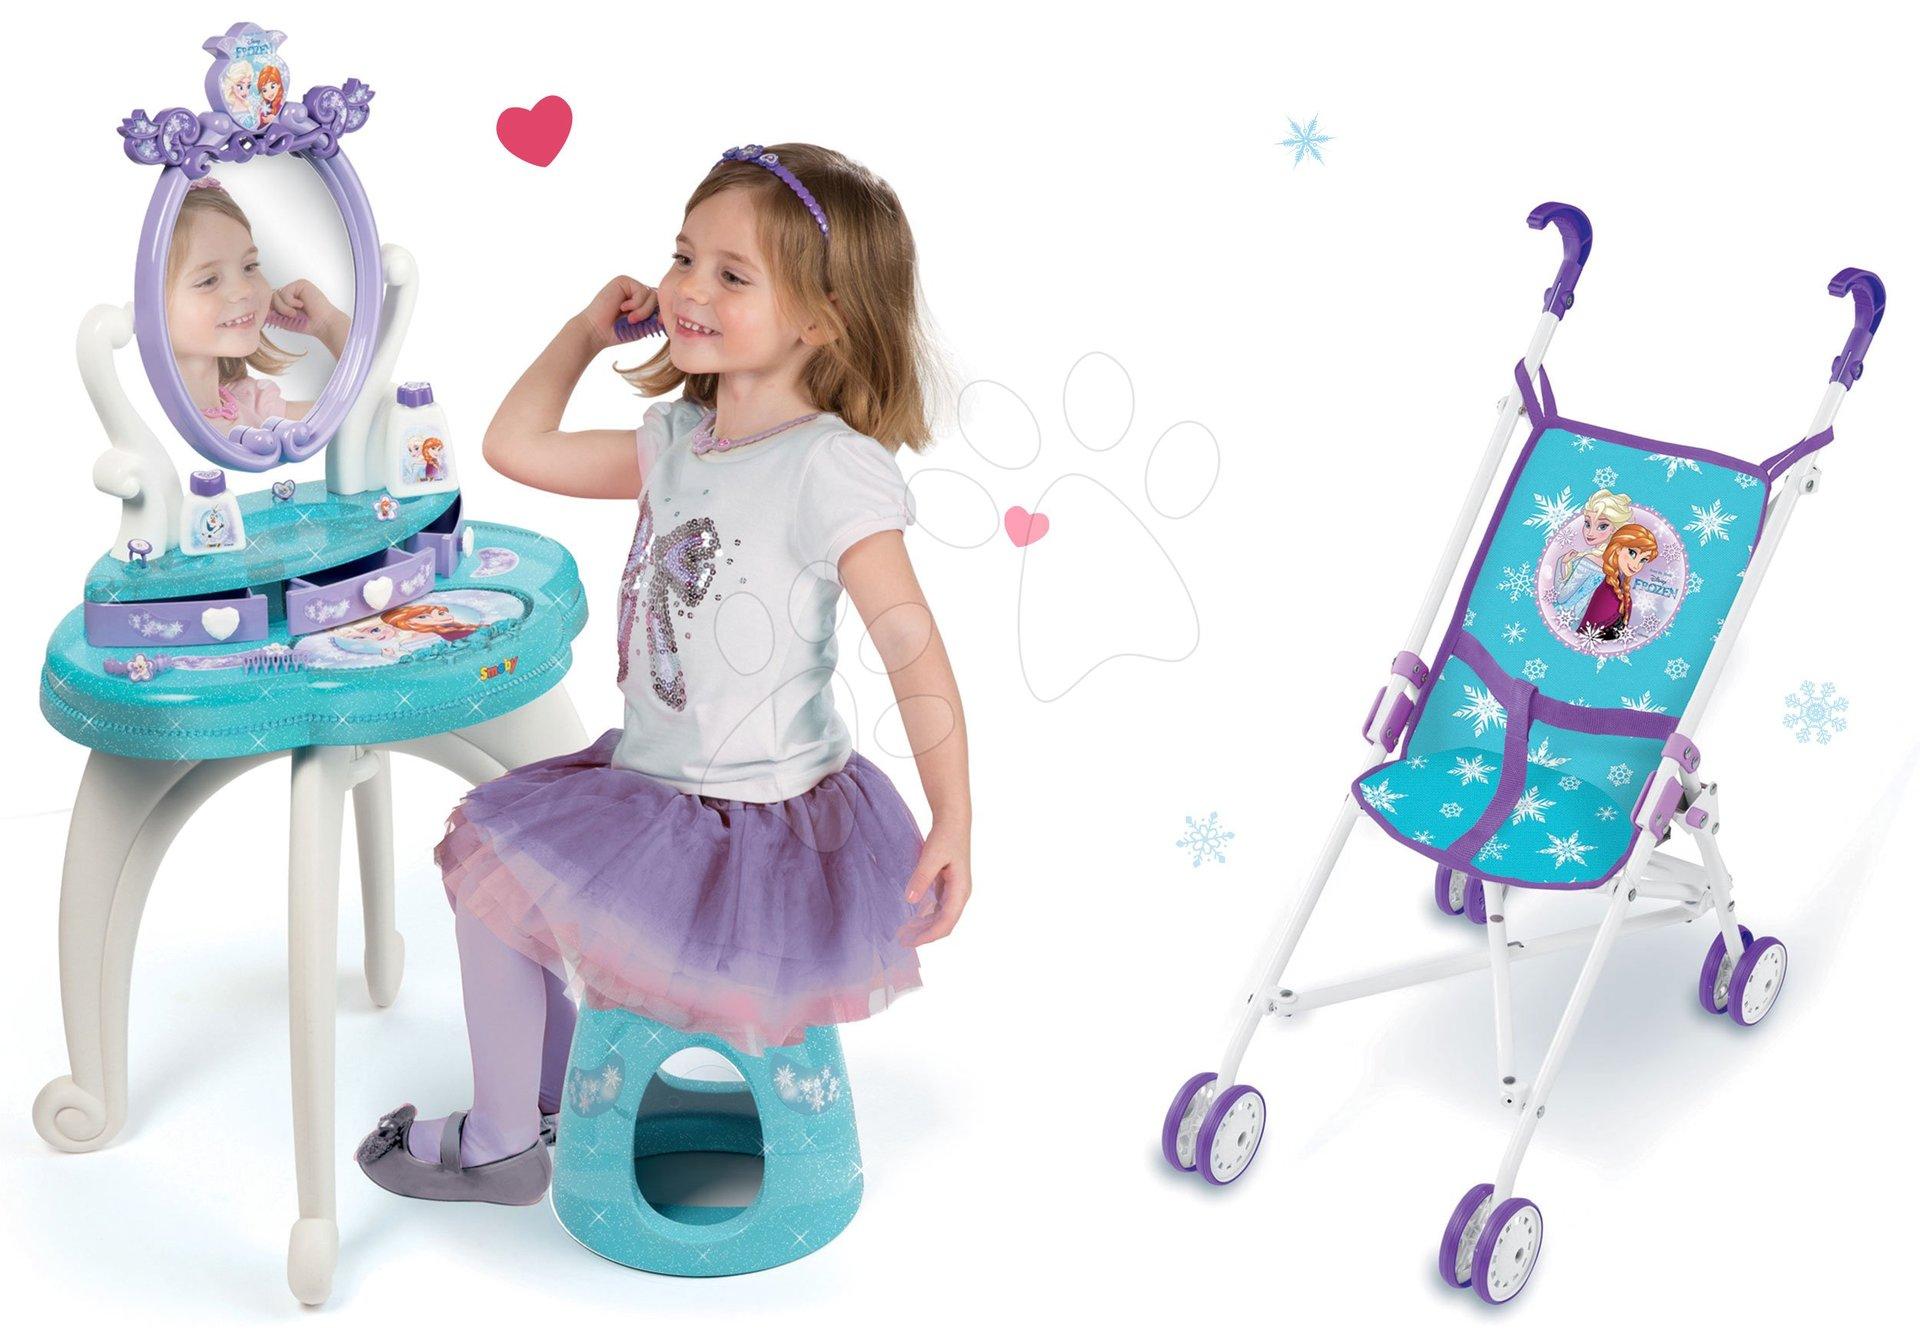 Komplet kozmetična miza Frozen Smoby s stolom in globok voziček za dojenčka Frozen (58 cm ročaj)